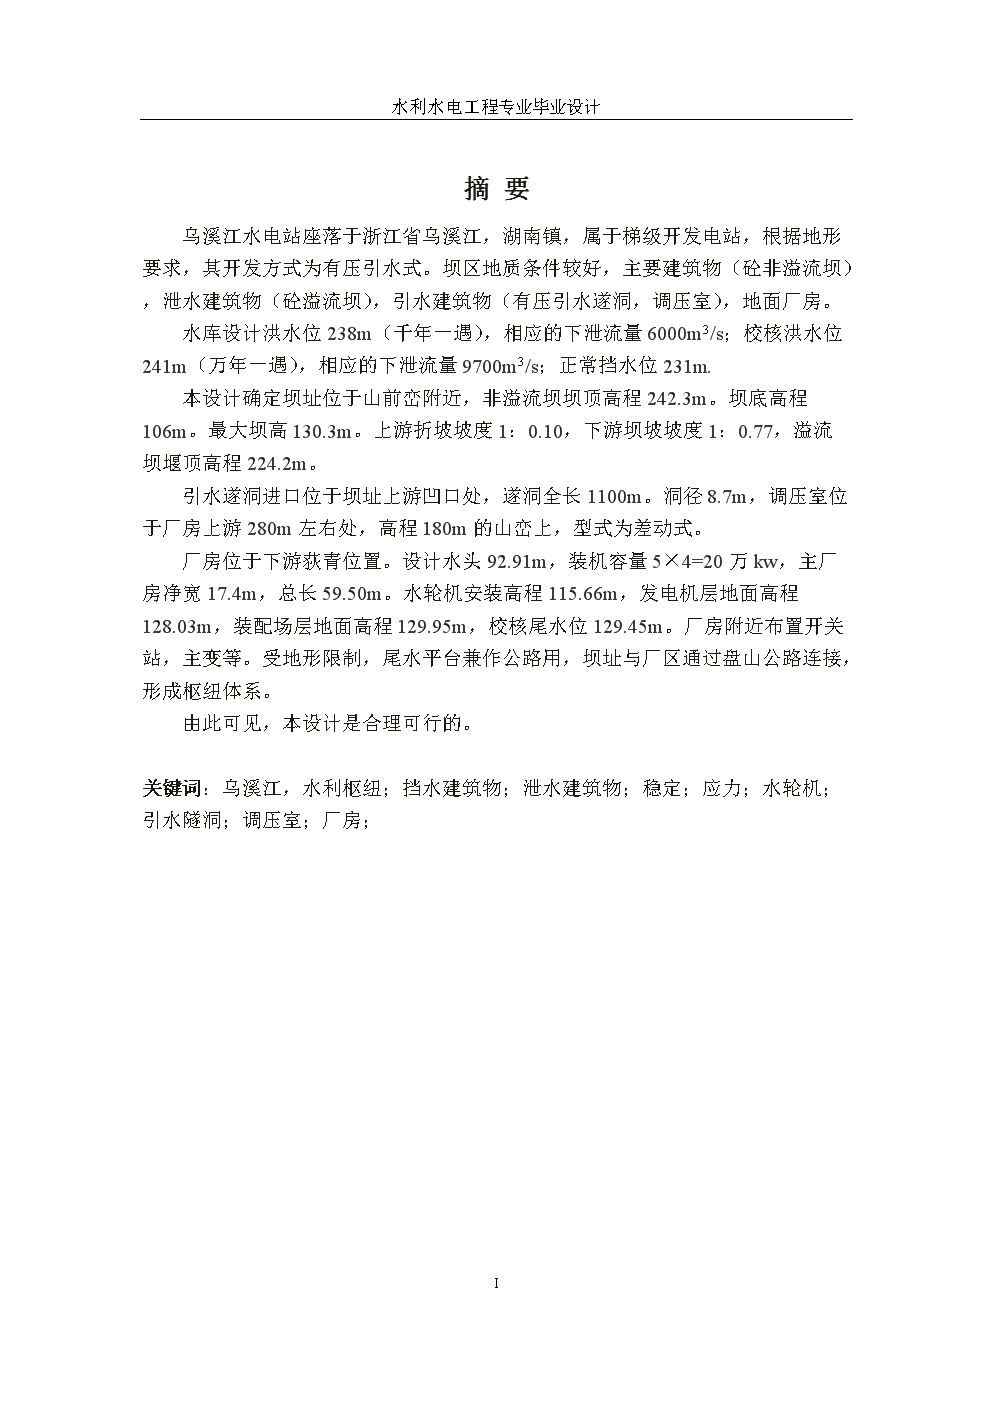 烏溪江水電站廠房設計及岔管設計畢業設計說明書.docx